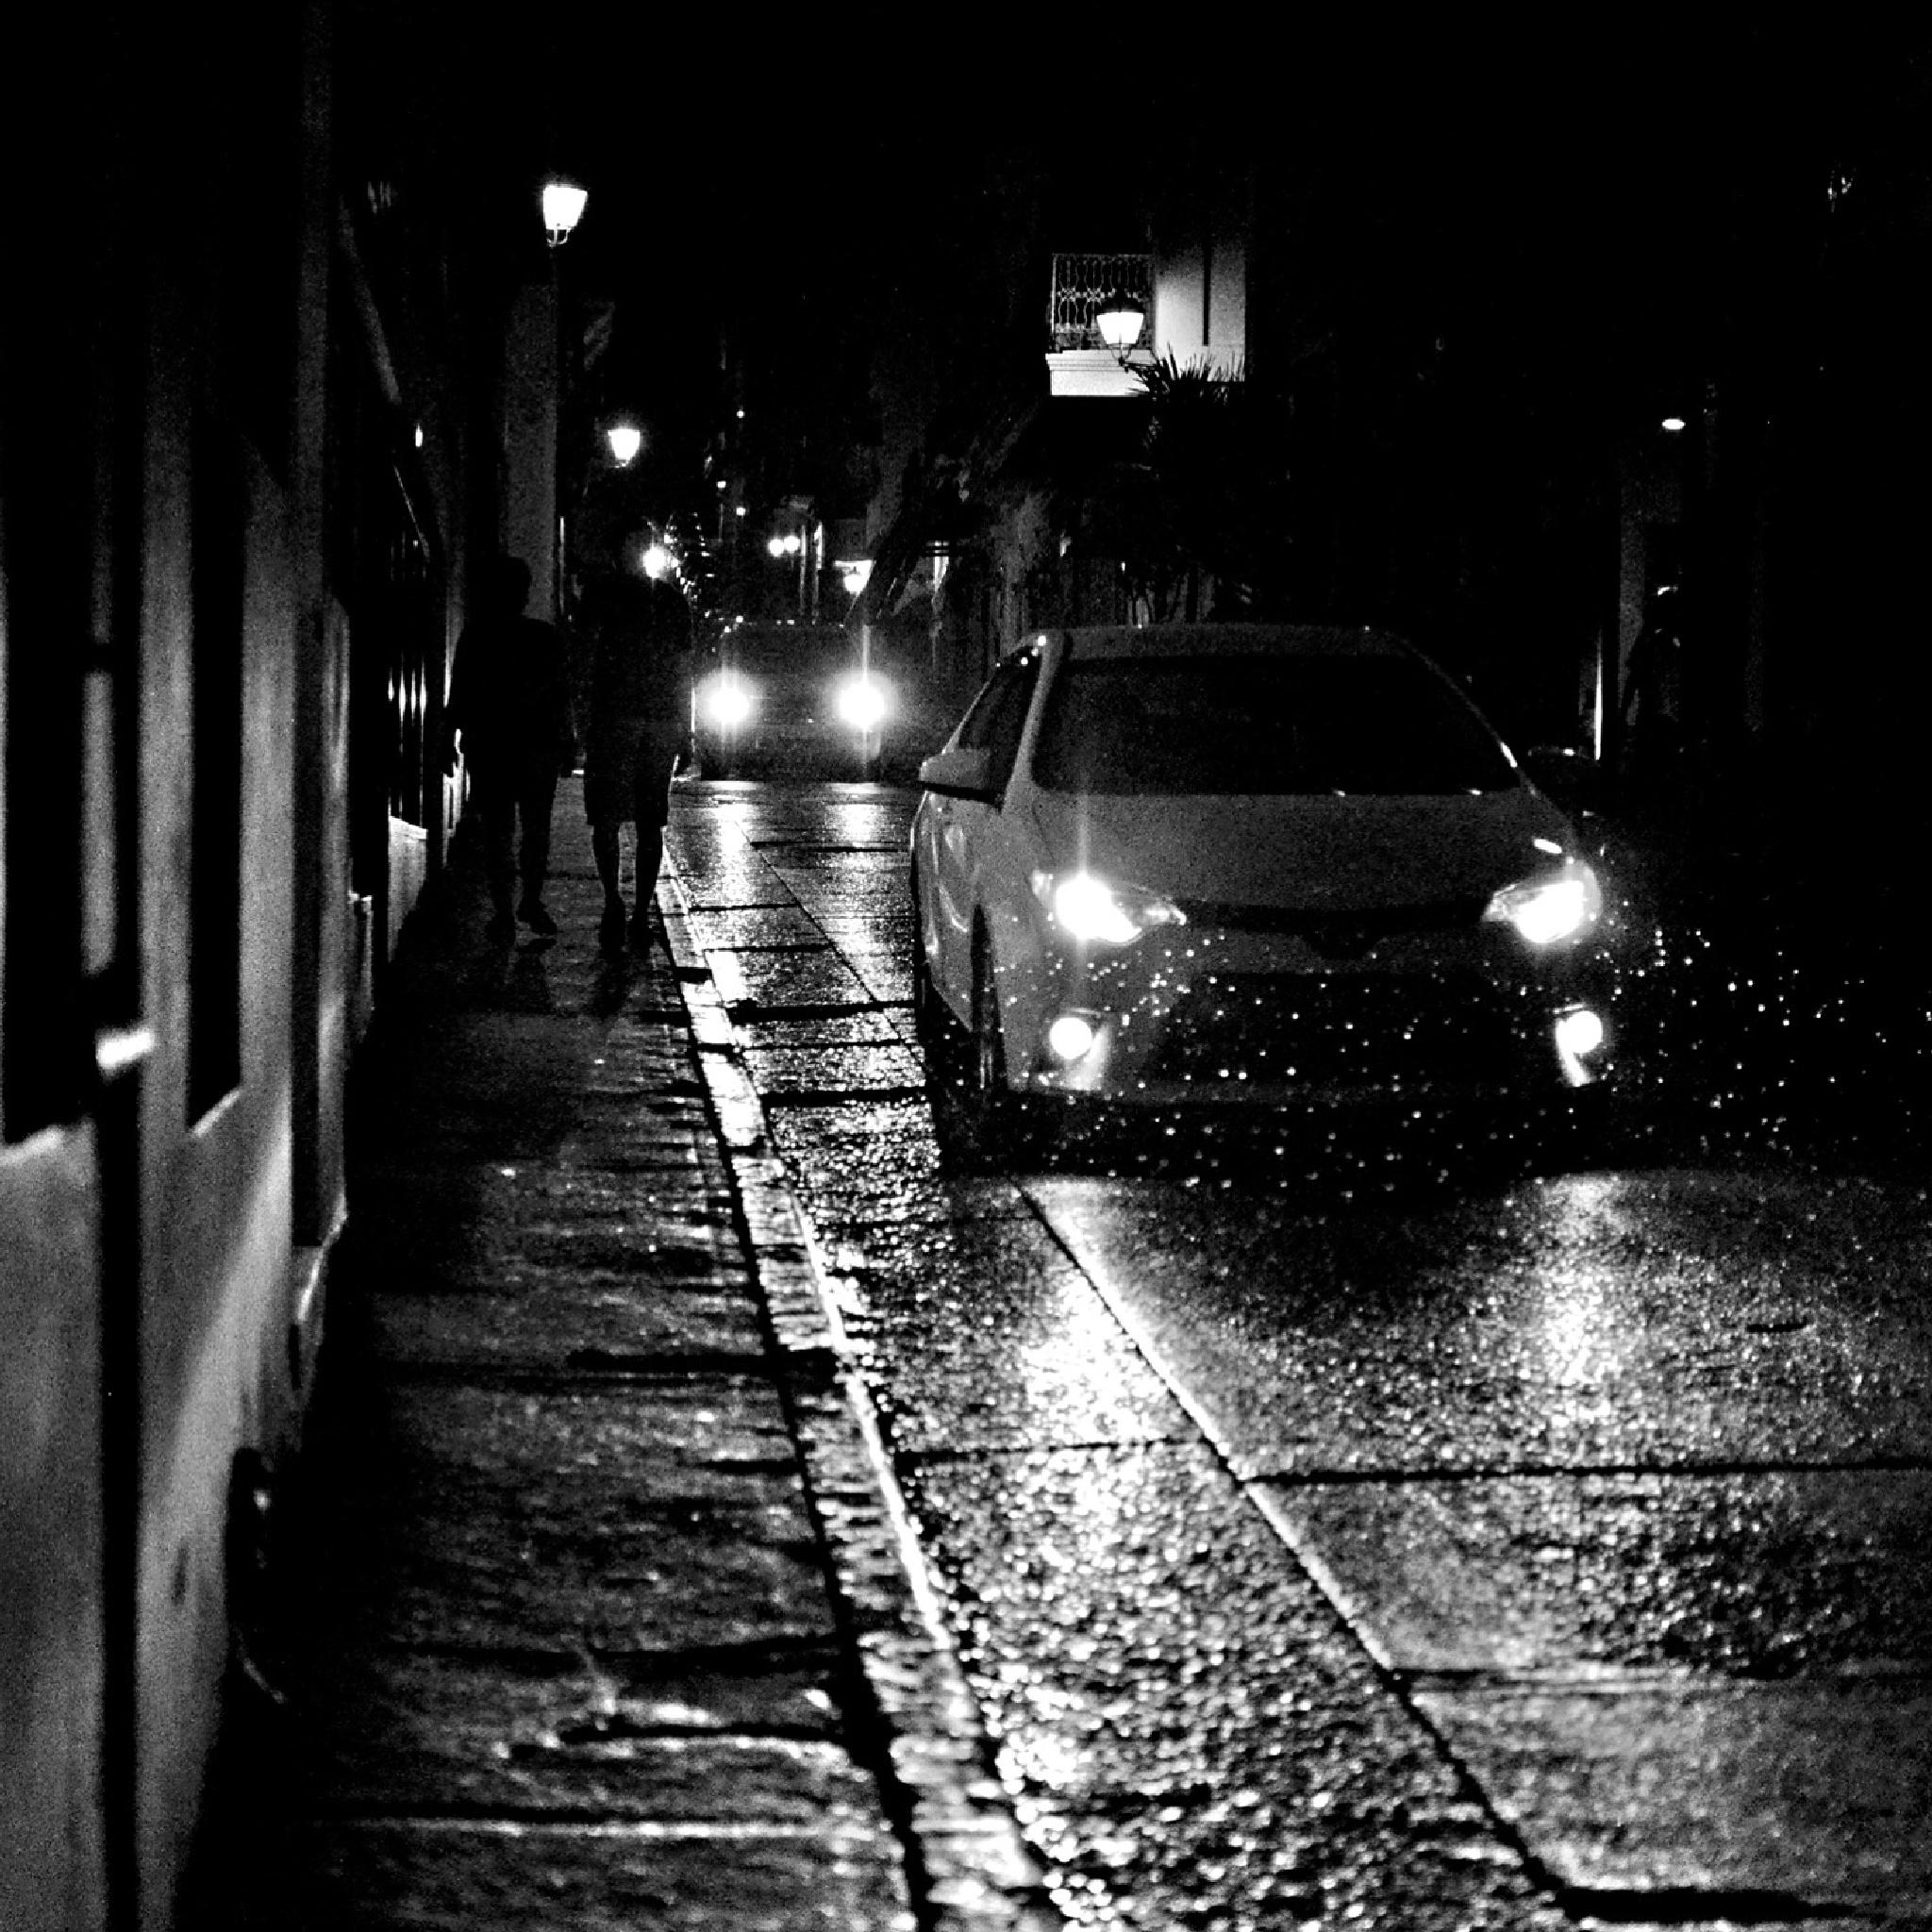 Nighttime rain by Nilda64pr